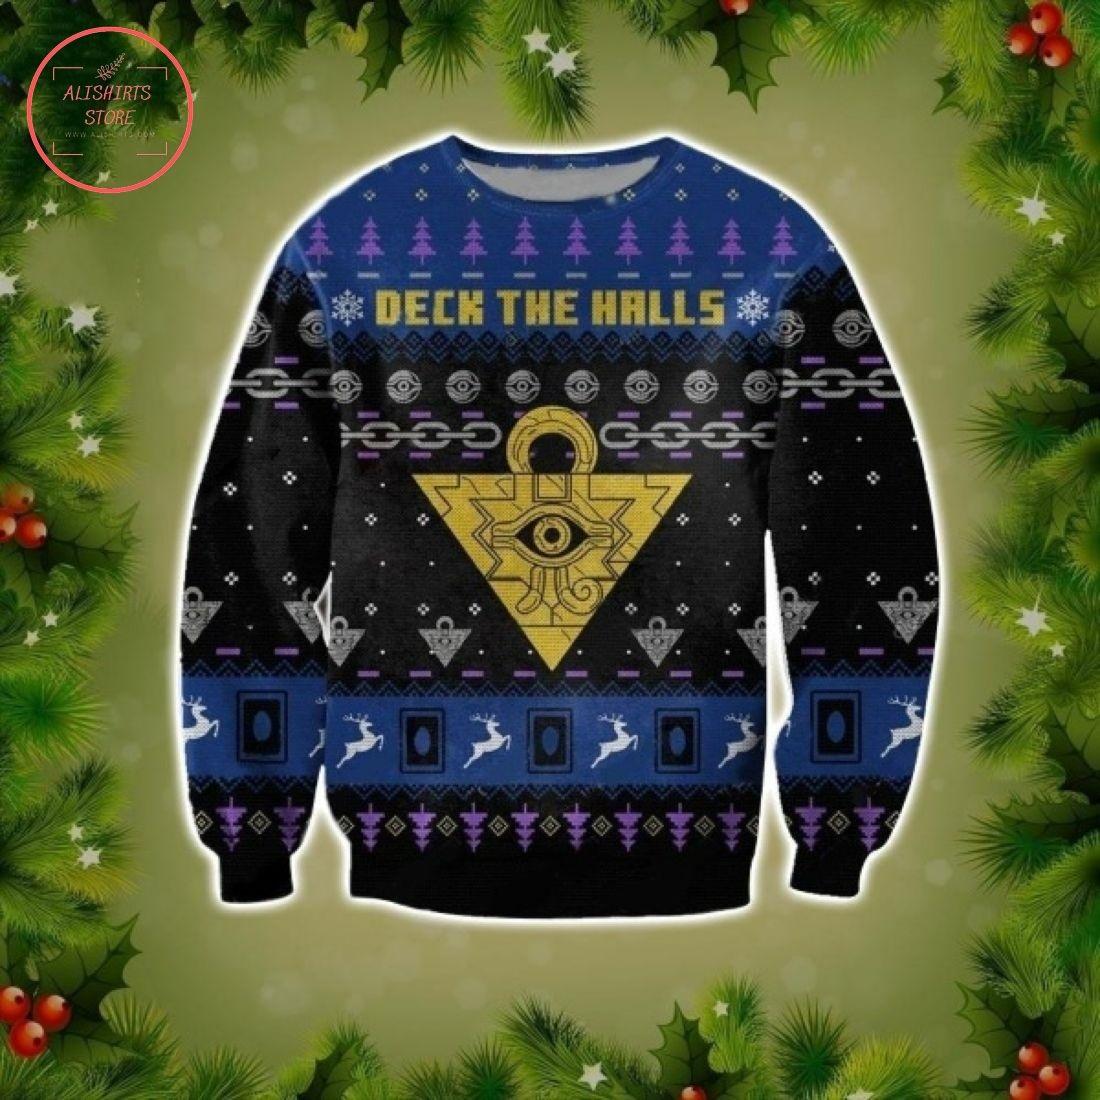 Yu-Gi-Oh Deck The Halls Ugly Christmas Sweater